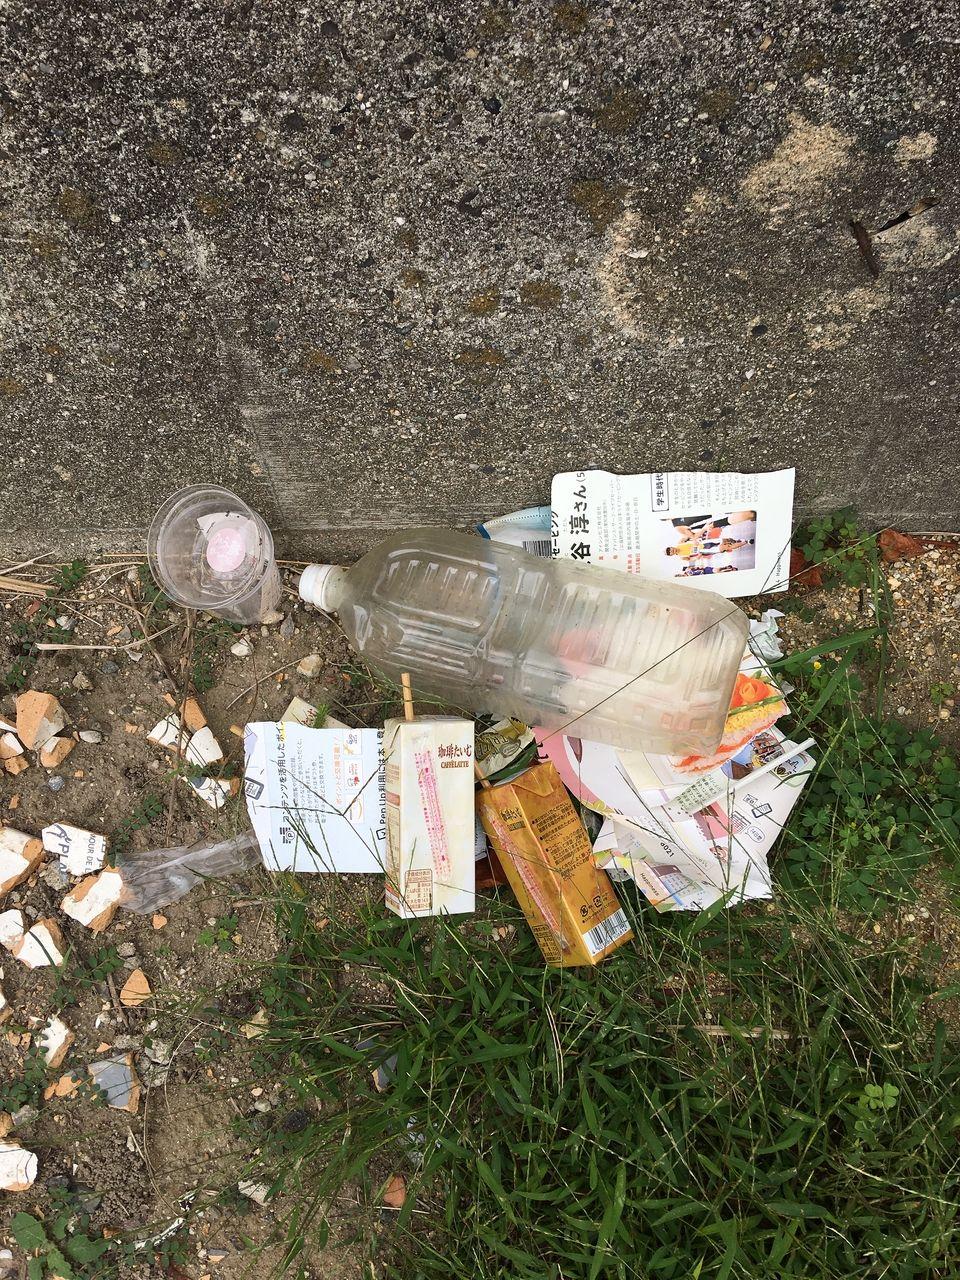 回収したゴミです。草が伸びてしまうともっとたくさんのゴミが捨てられてしまいます。